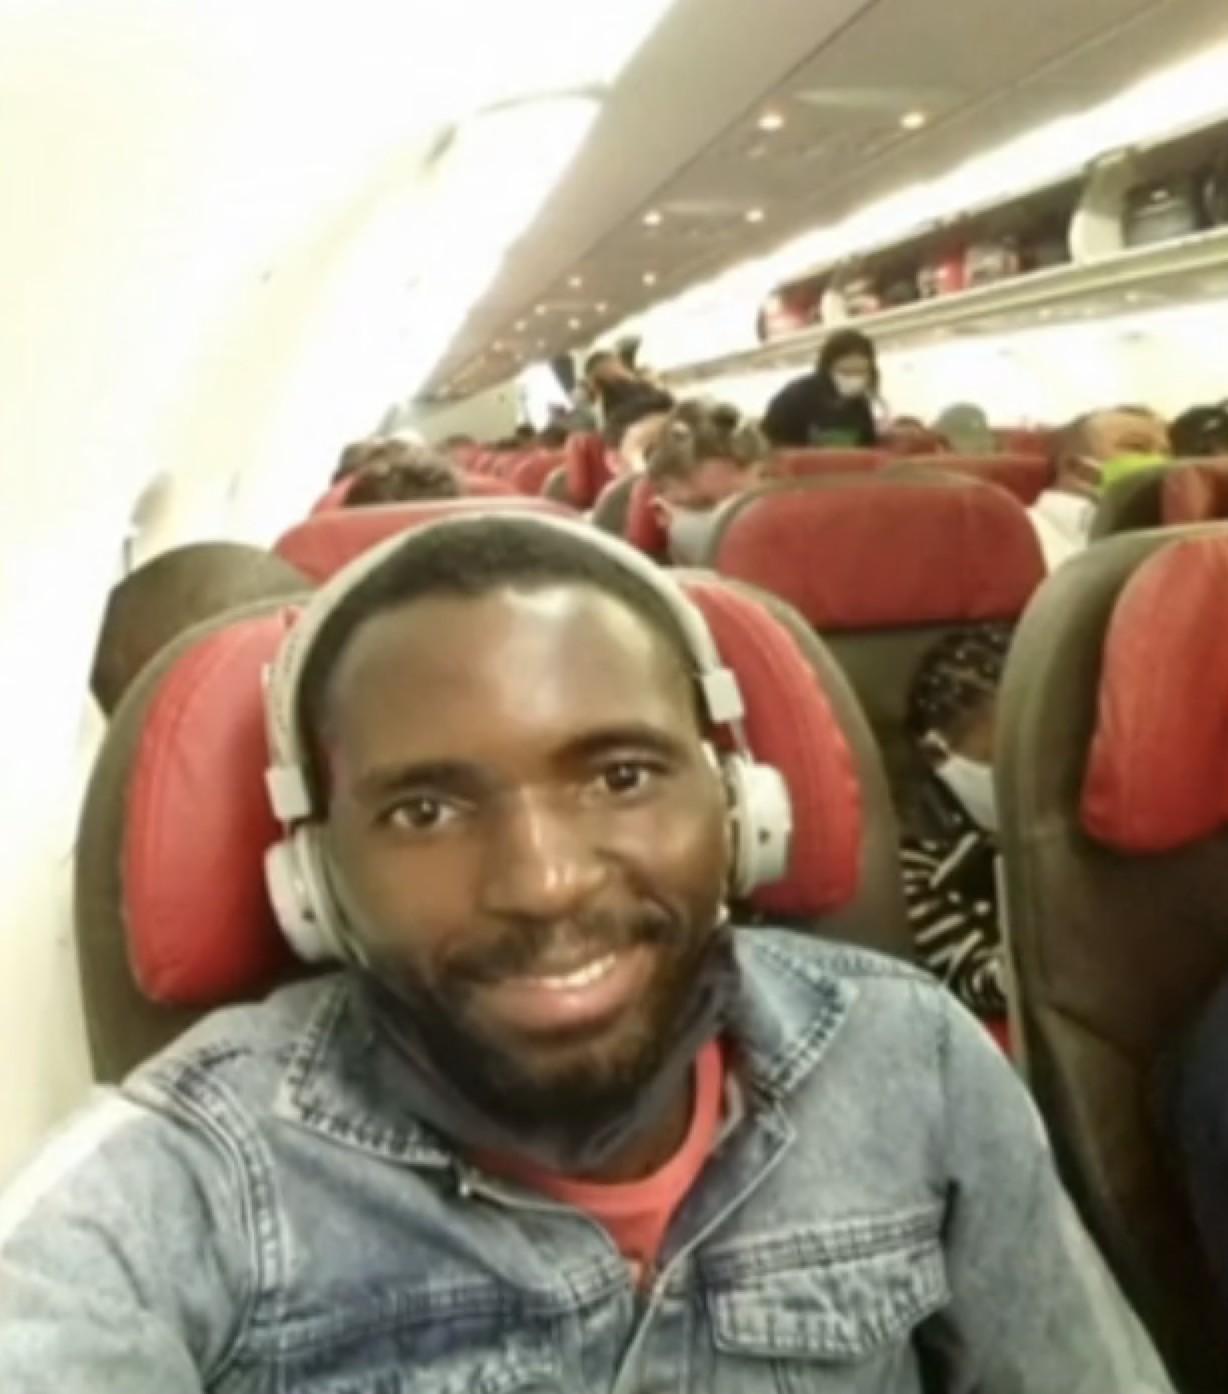 'Eu implorava pela vida', diz angolano baleado em perseguição policial e preso por engano no RS